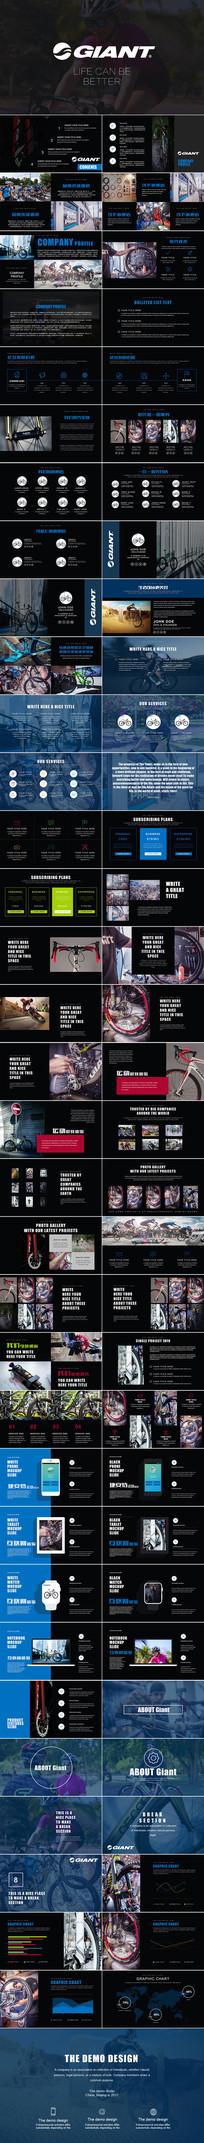 捷安特Giant山地车品牌营销策划PPT模版